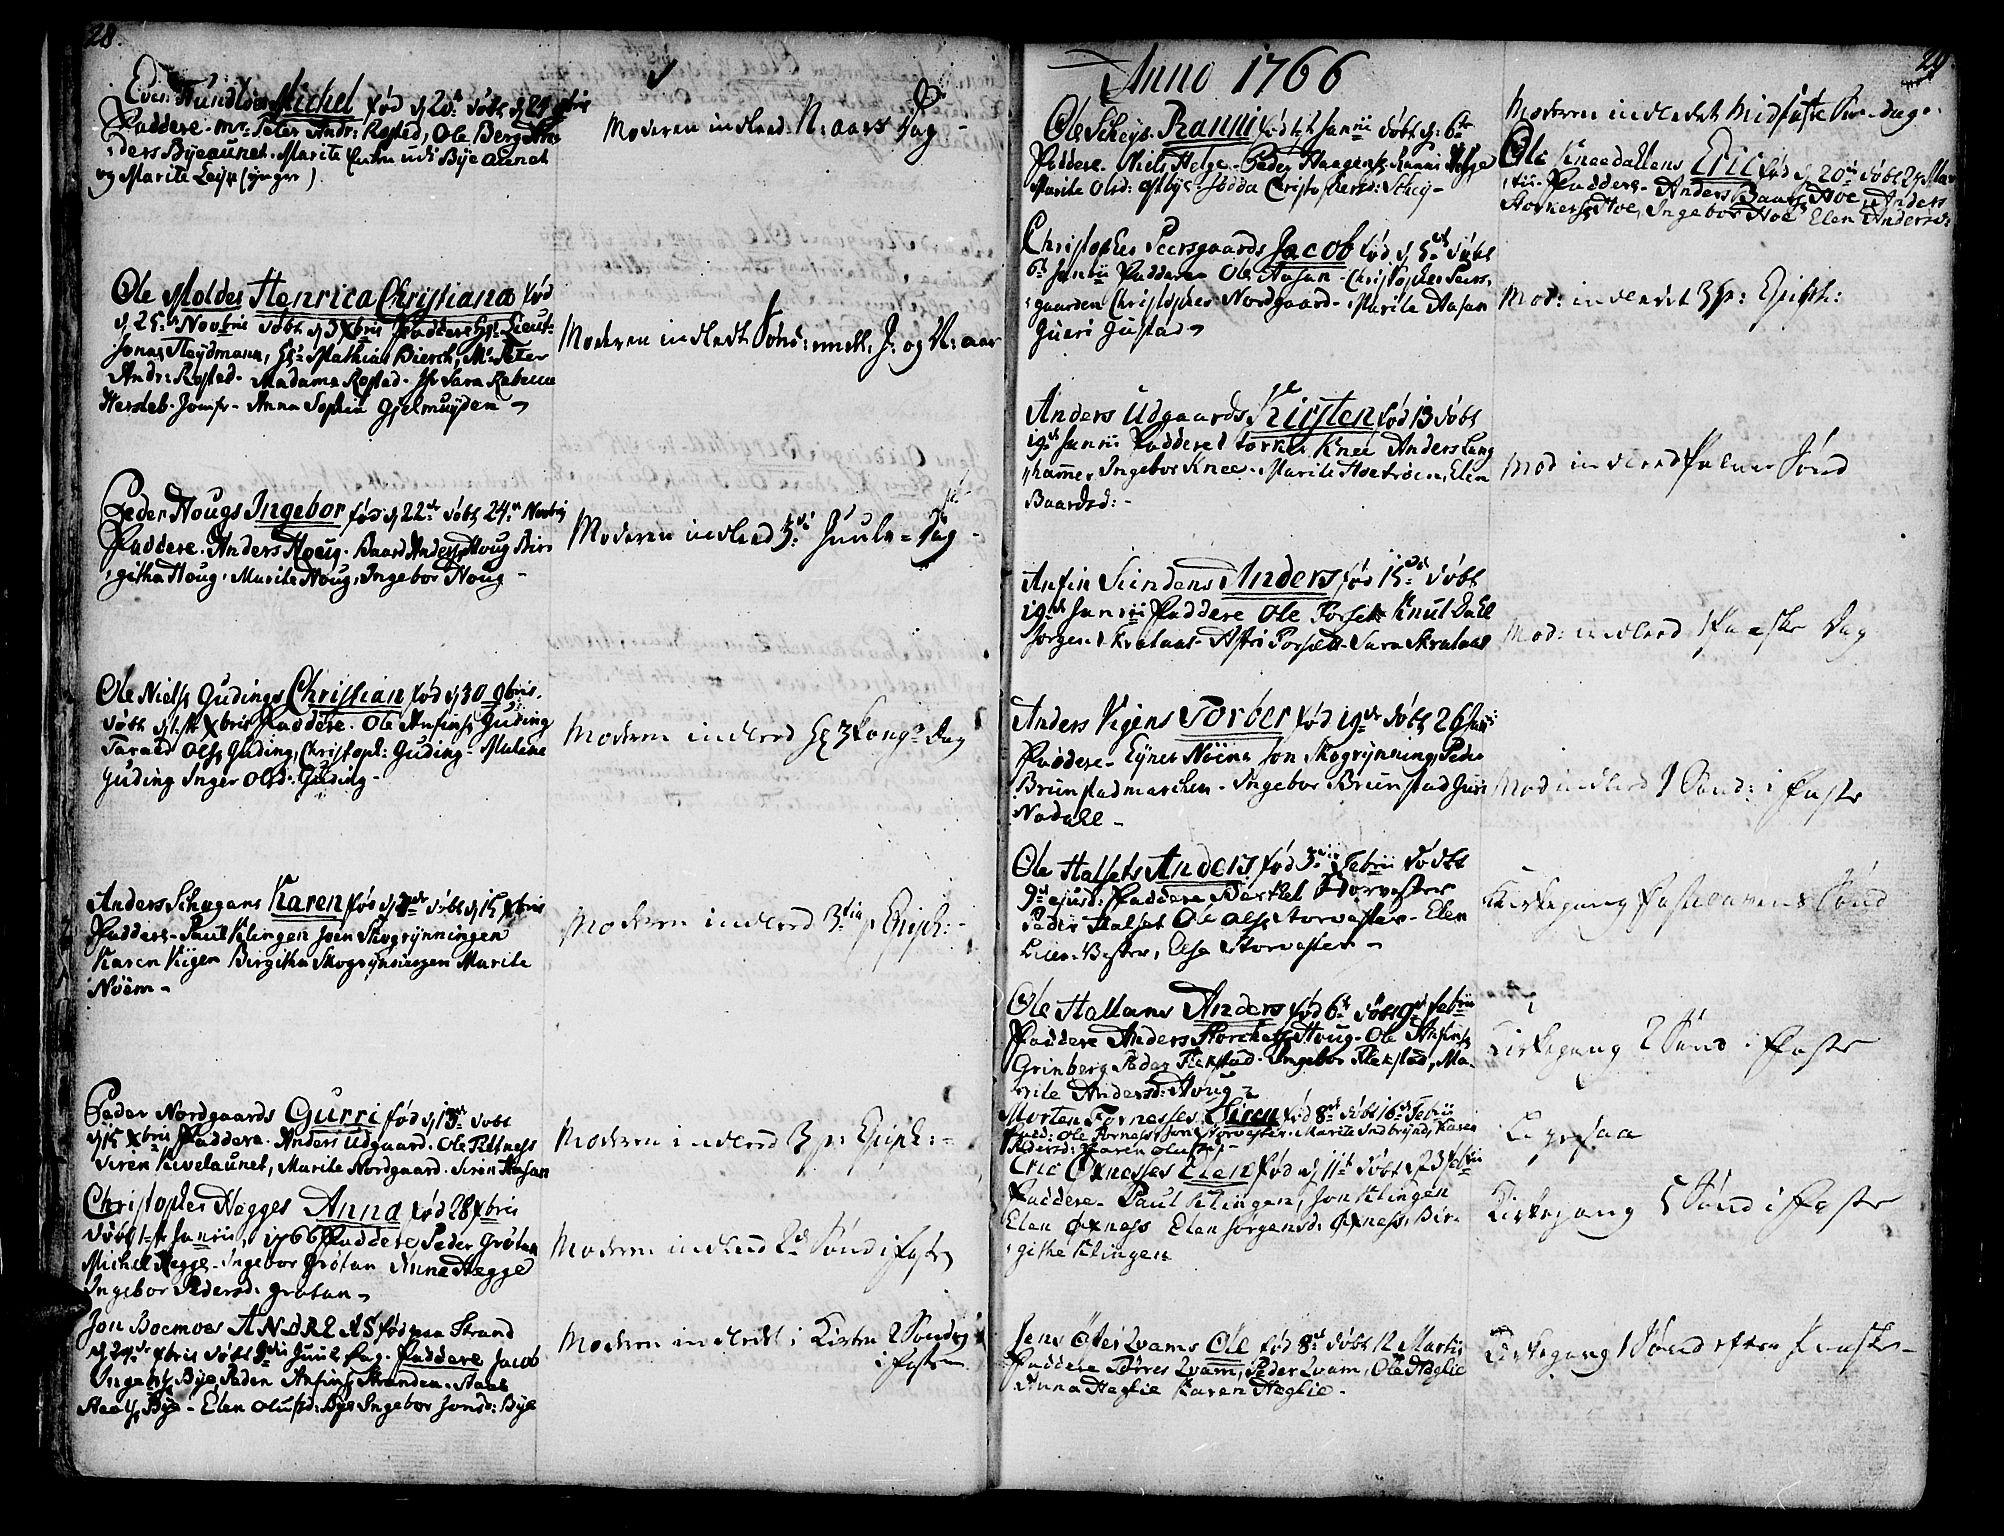 SAT, Ministerialprotokoller, klokkerbøker og fødselsregistre - Nord-Trøndelag, 746/L0440: Ministerialbok nr. 746A02, 1760-1815, s. 28-29